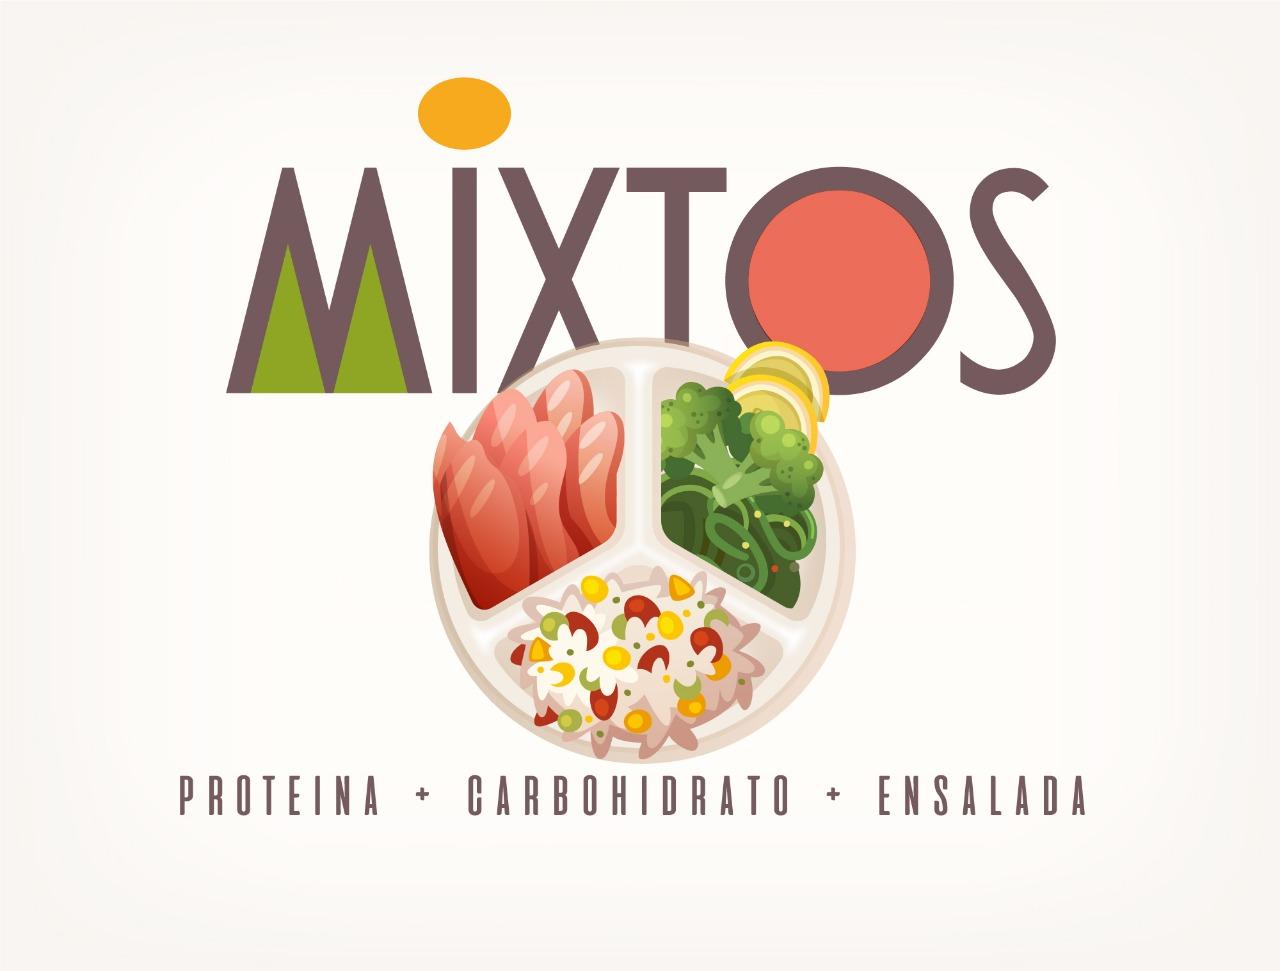 Mixtos Santafé